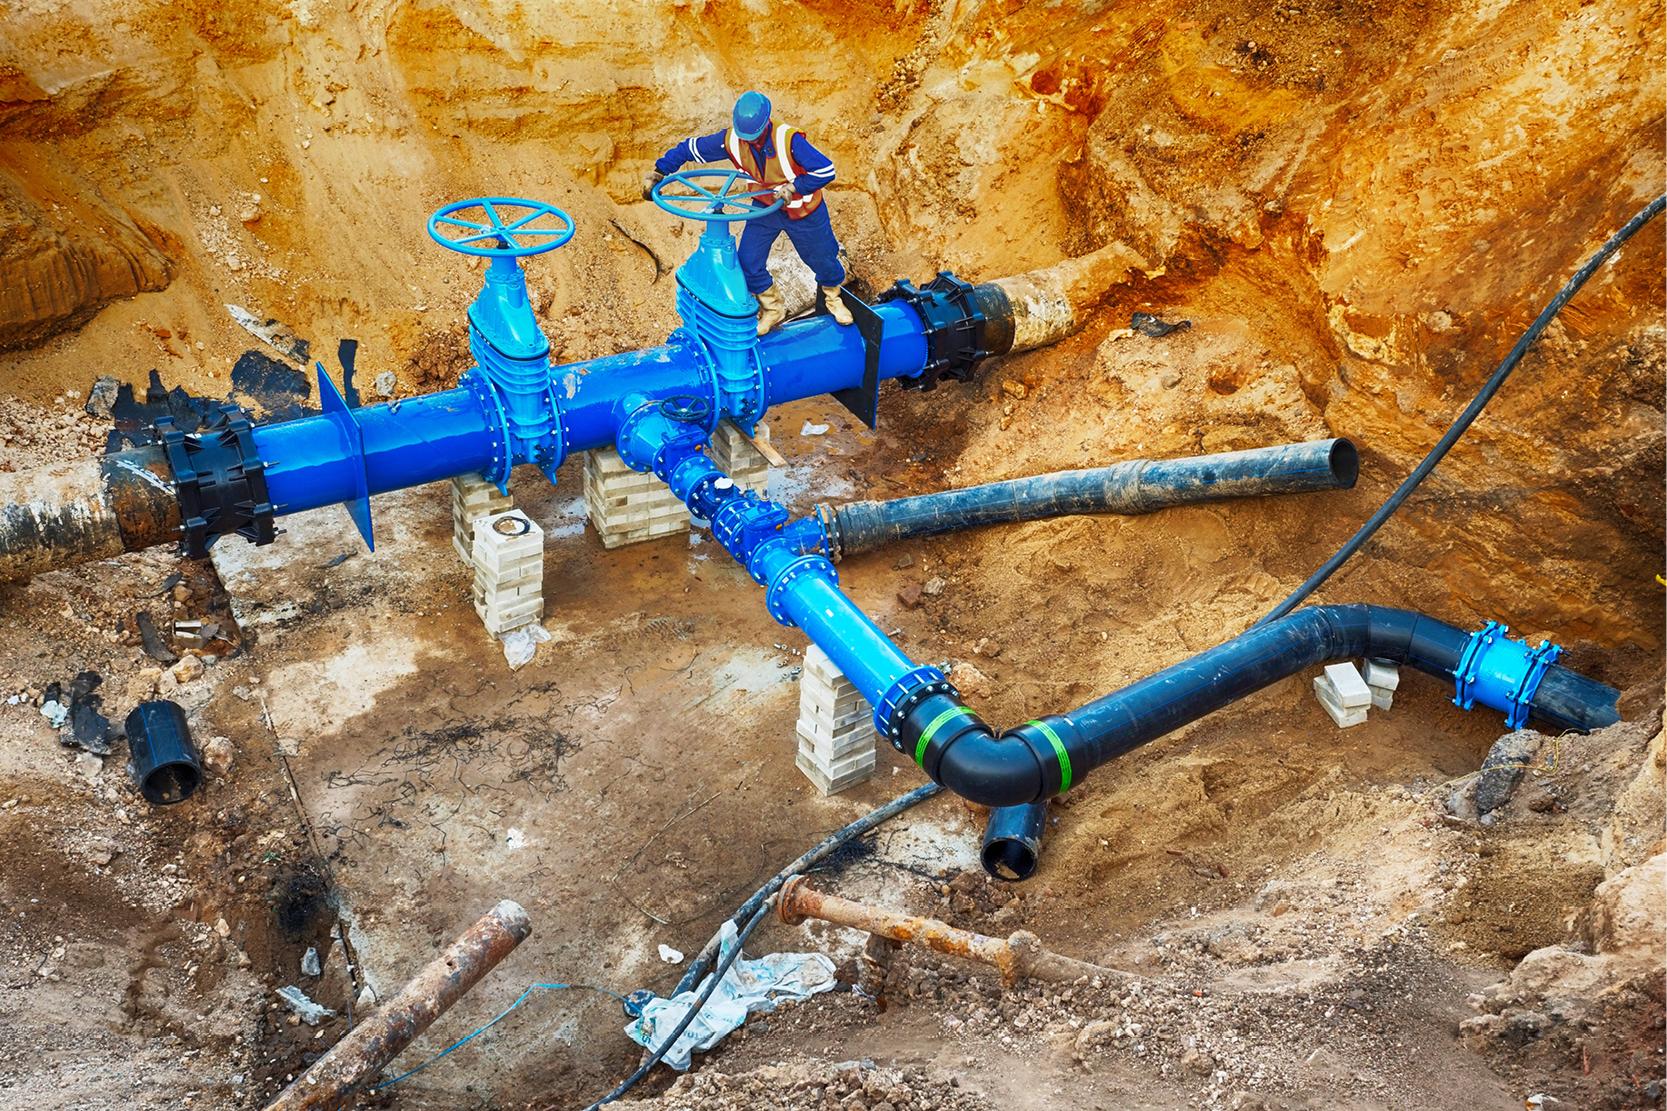 Equipos-Tratamiento-de-Aguas-Municipales-Mineras-Industriales-4.jpg